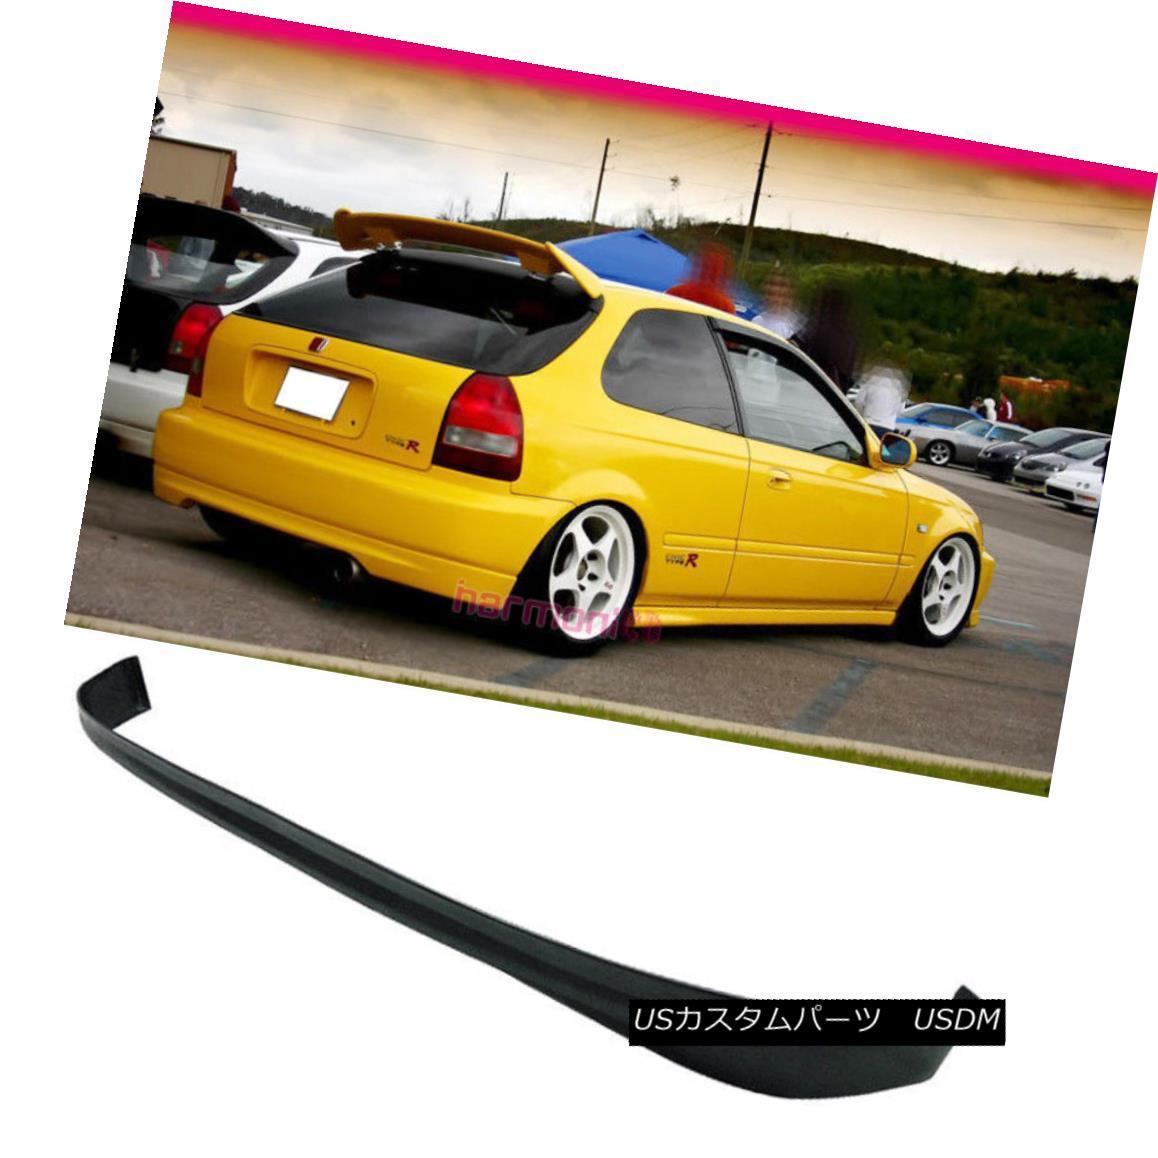 エアロパーツ Fits 96-00 Honda Civic Hatchback 3Dr Rear Bumper Lip Spoiler PU フィット96-00ホンダシビックハッチバック3DrリアバンパーリップスポイラーPU